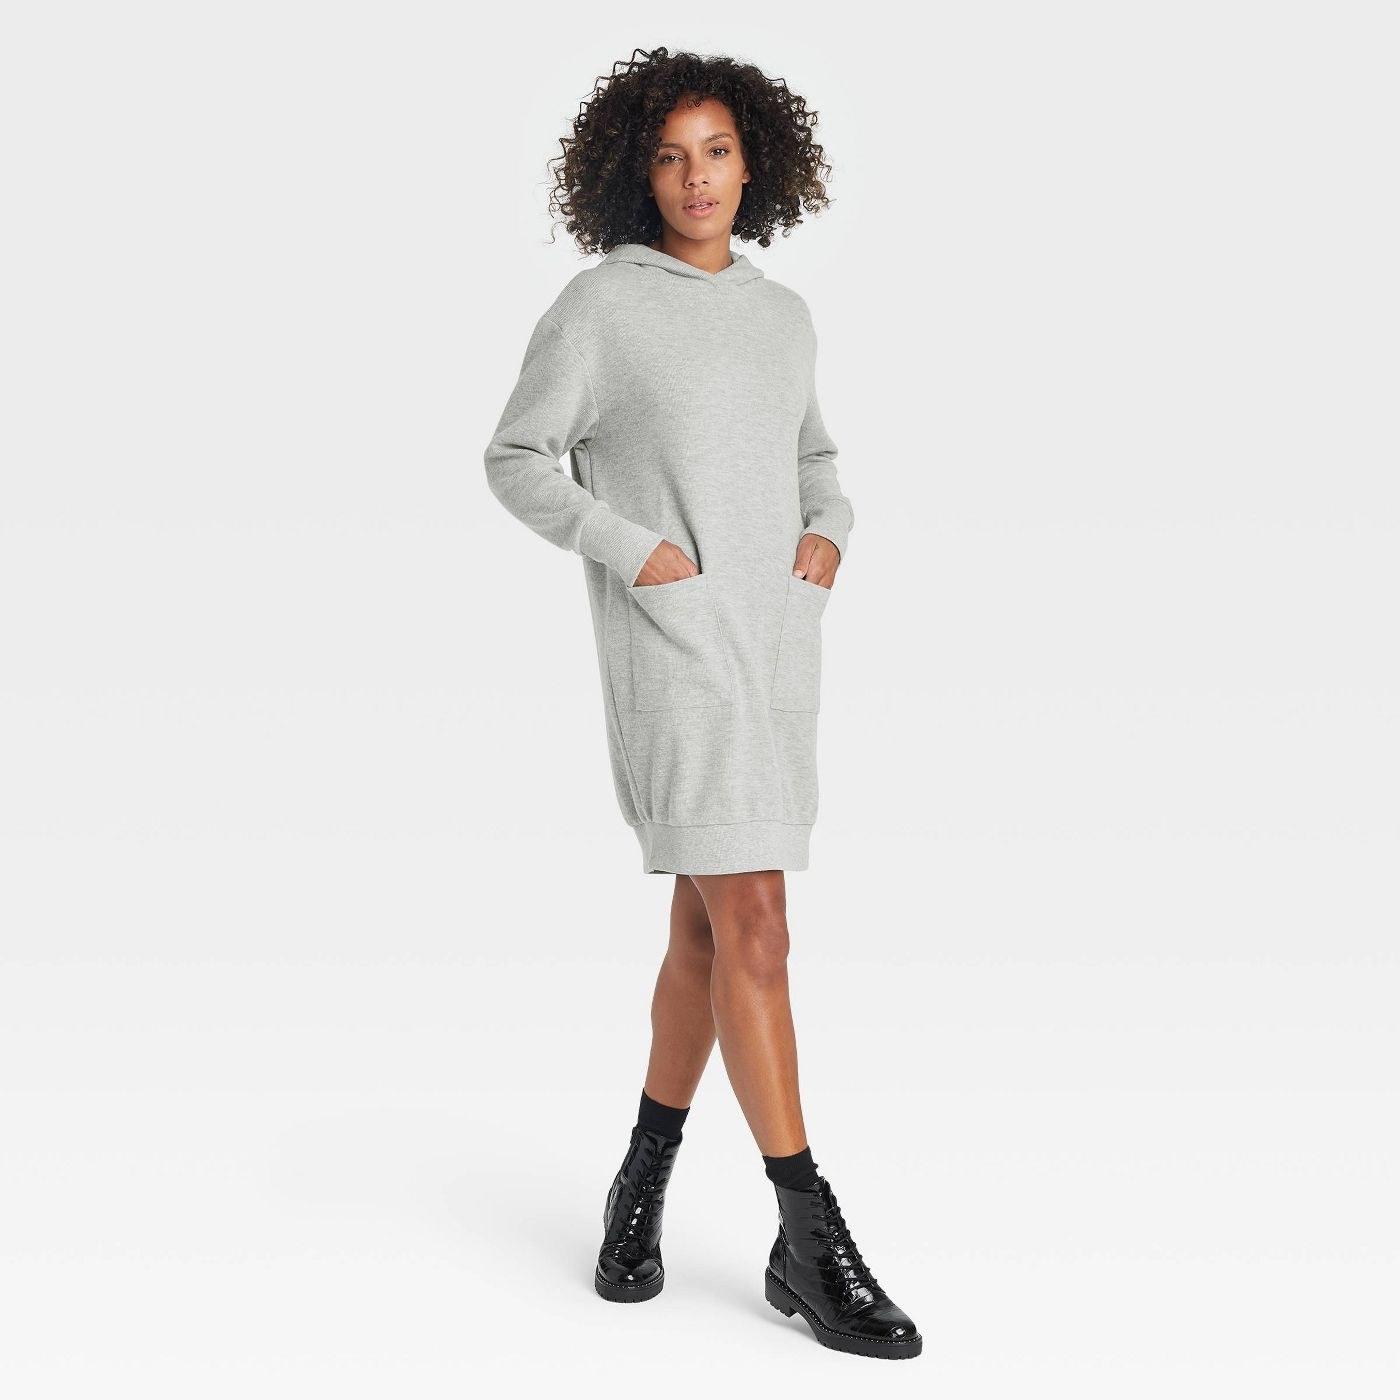 Model wearing a gray sweatshirt dress